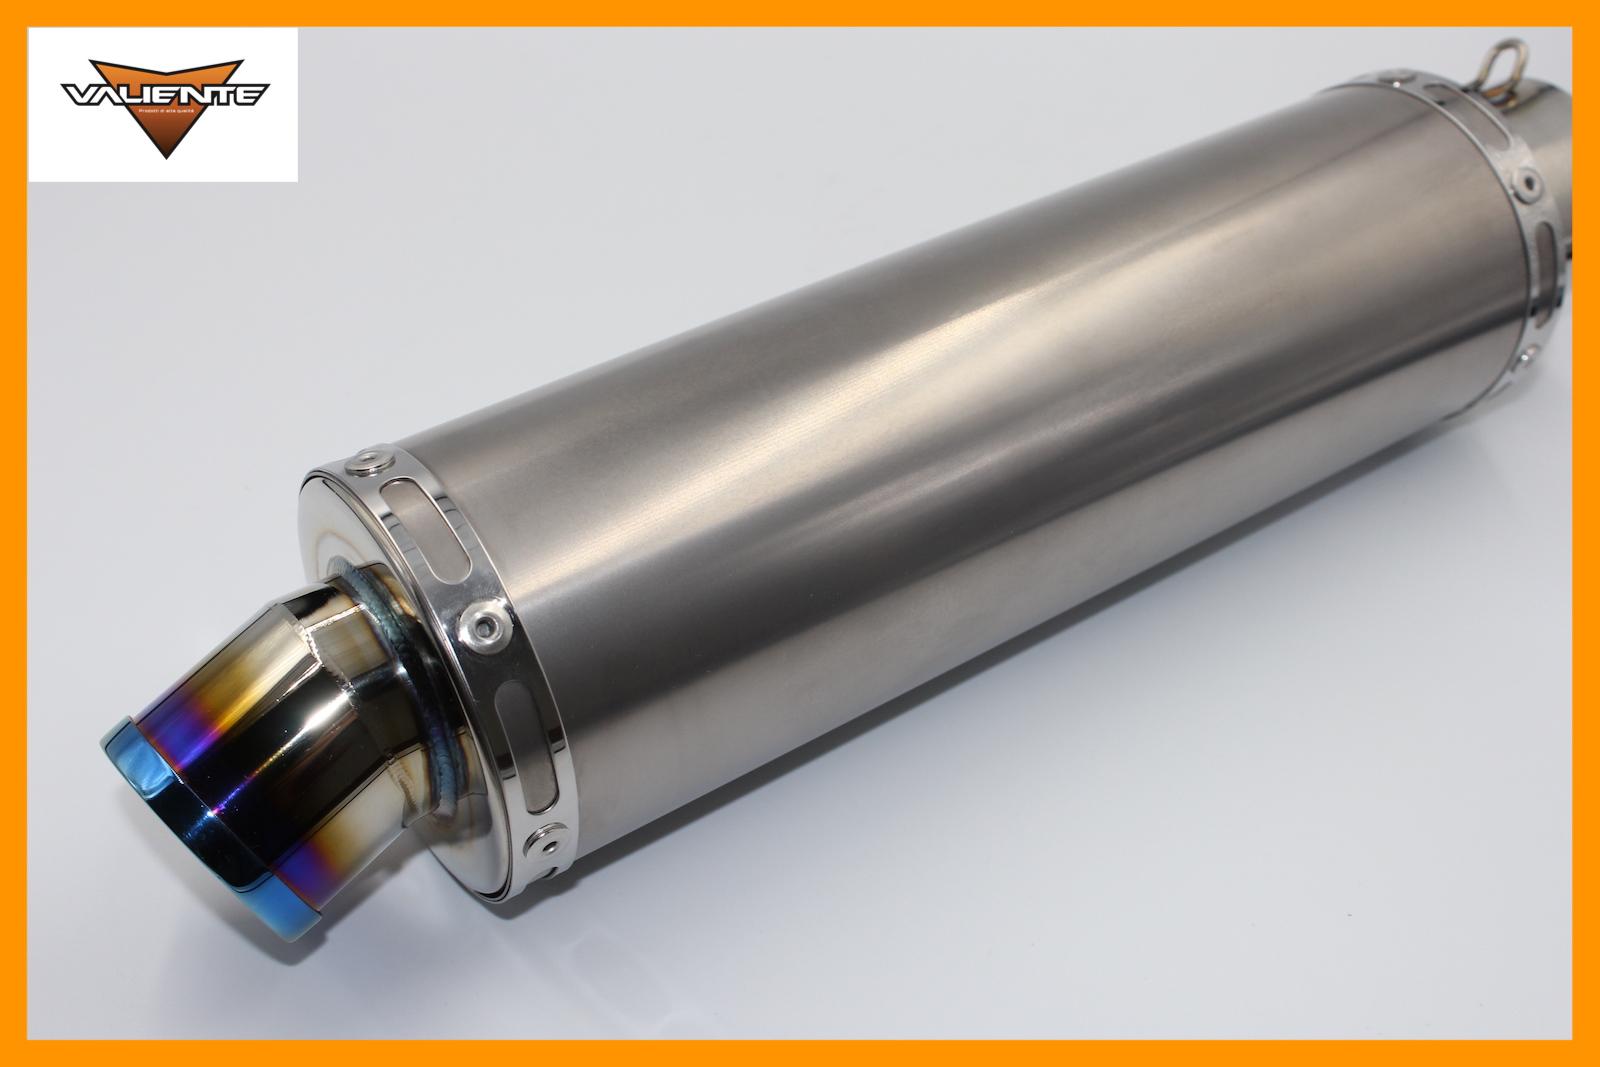 汎用チタンサイレンサー 正規激安 60.5Φ用です Valiente バリエンテ 90Φ×300mm ブルーカラー バイクマフラー 2020A/W新作送料無料 60.5Φ用